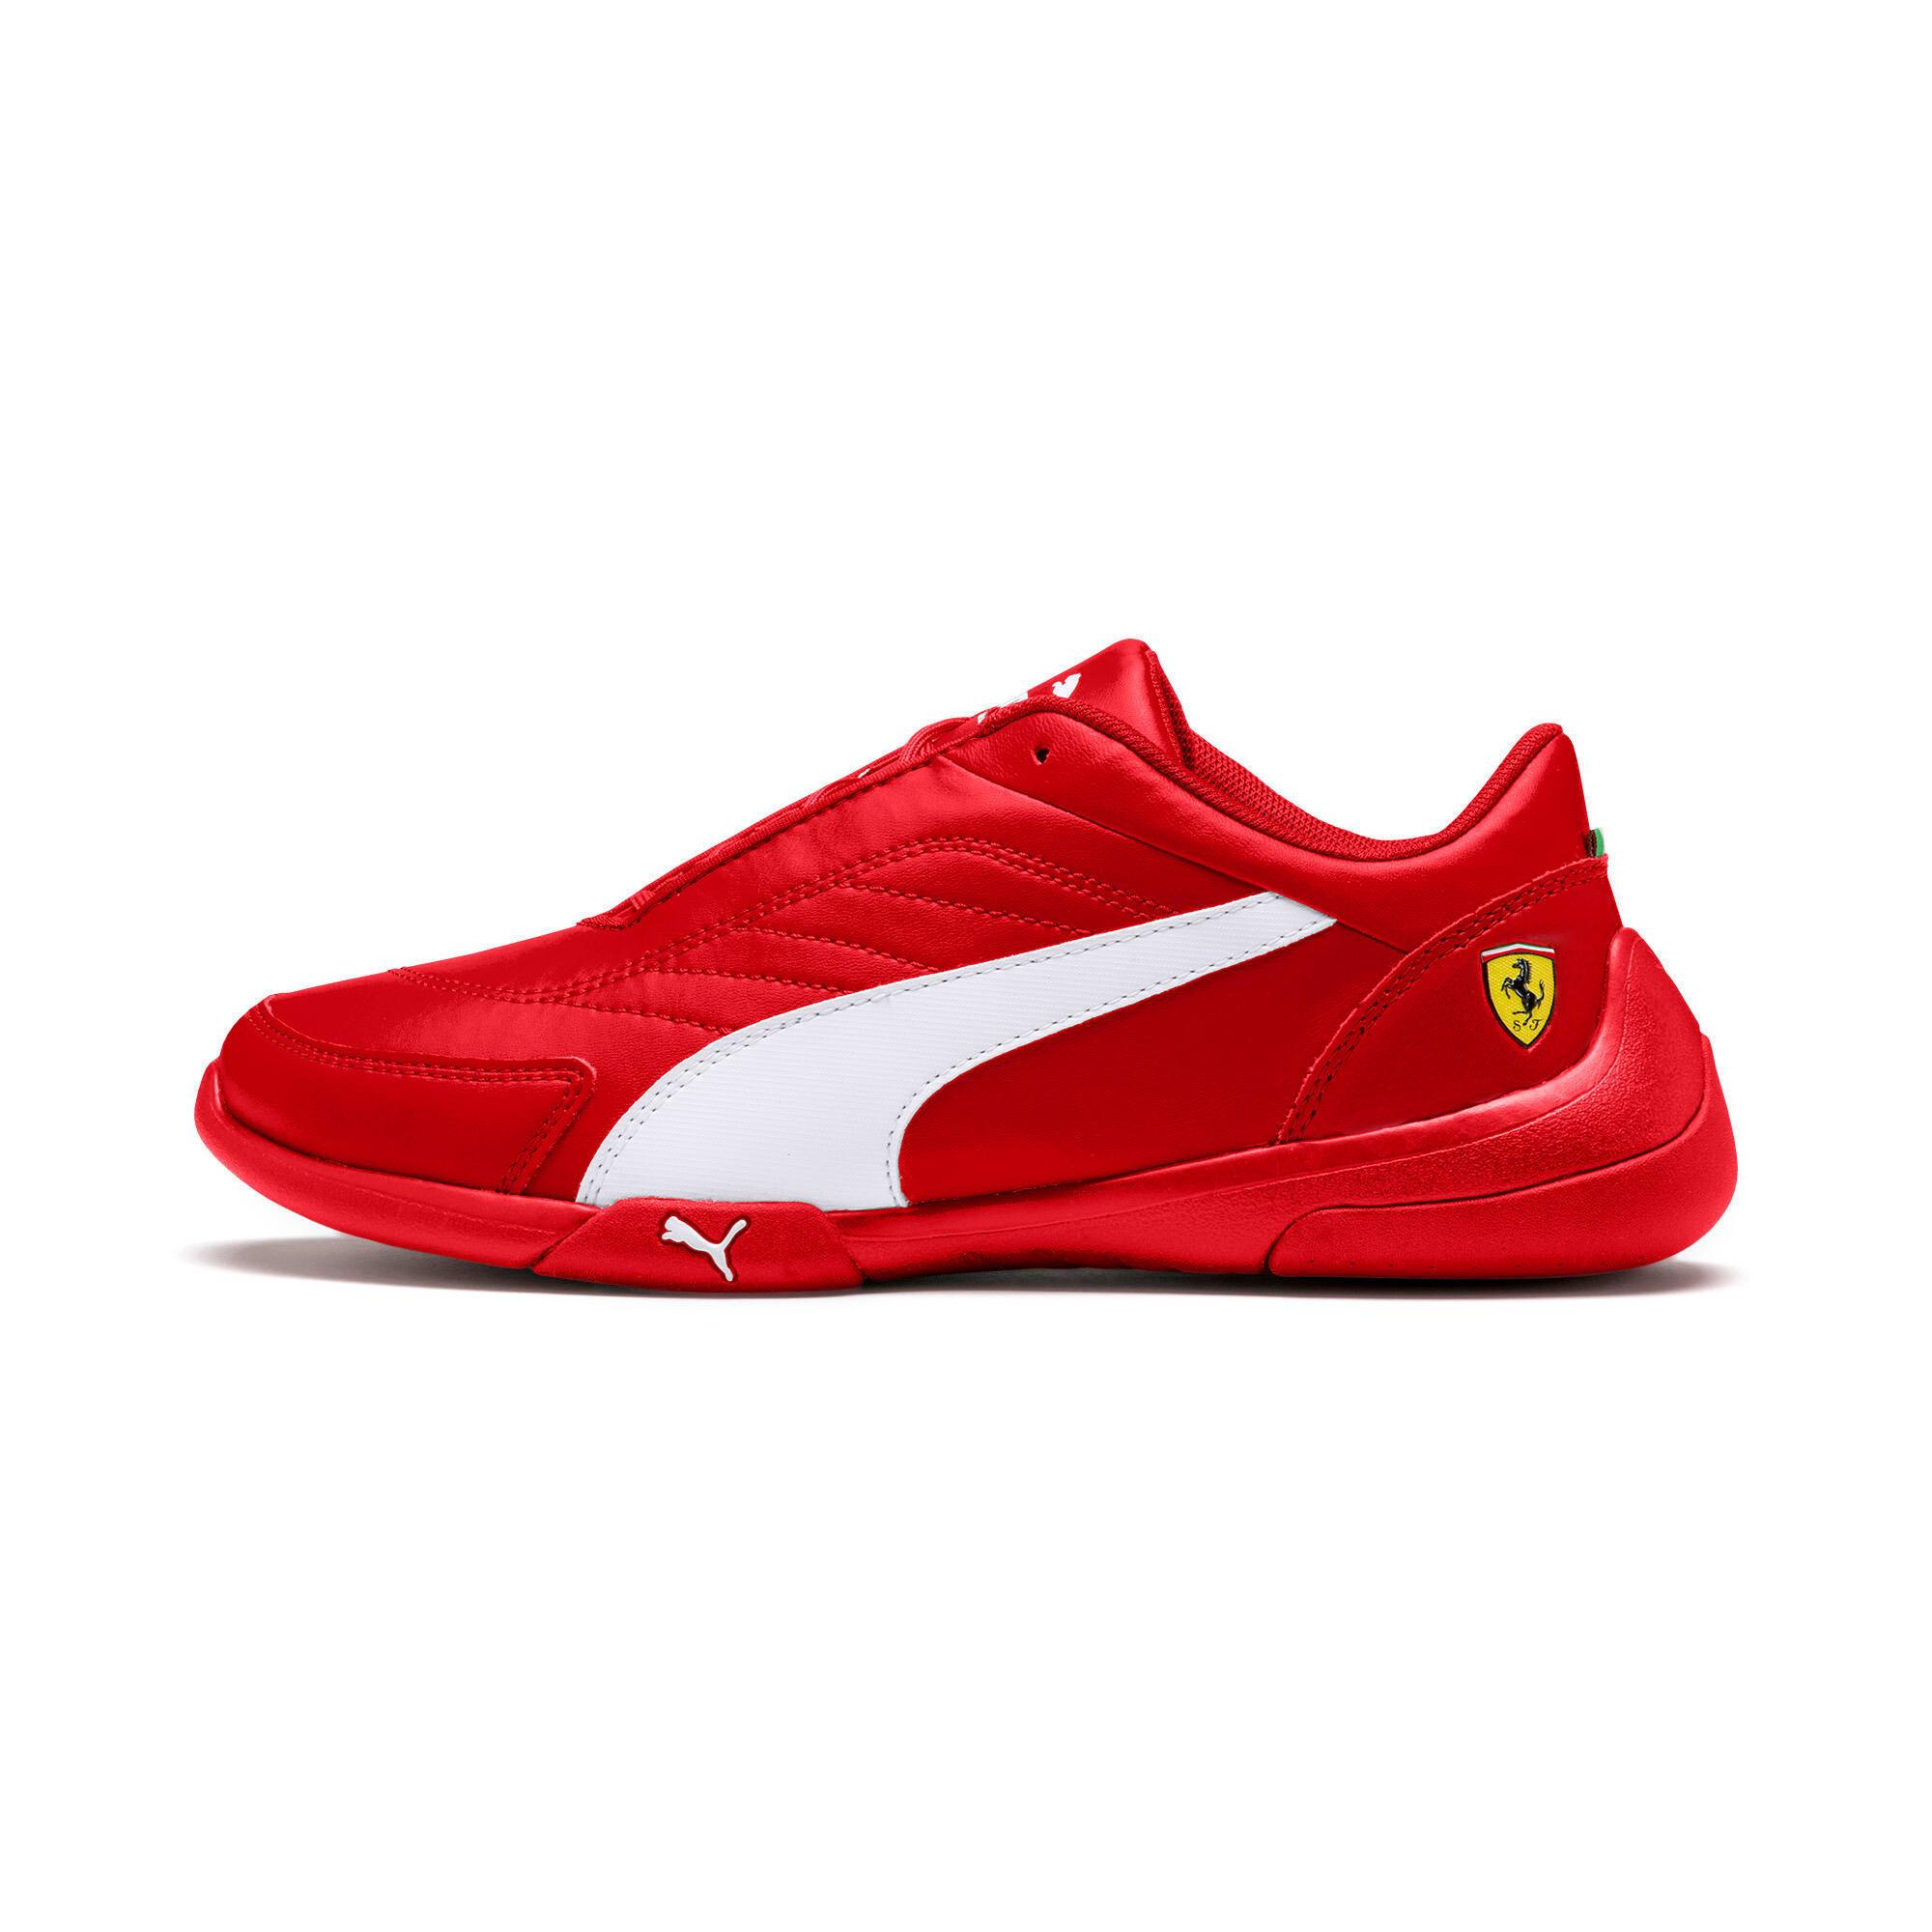 Miniatura 1 de Zapatos Scuderia Ferrari Kart Cat III JR, Rosso Corsa-Wht-Rosso Corsa, mediano